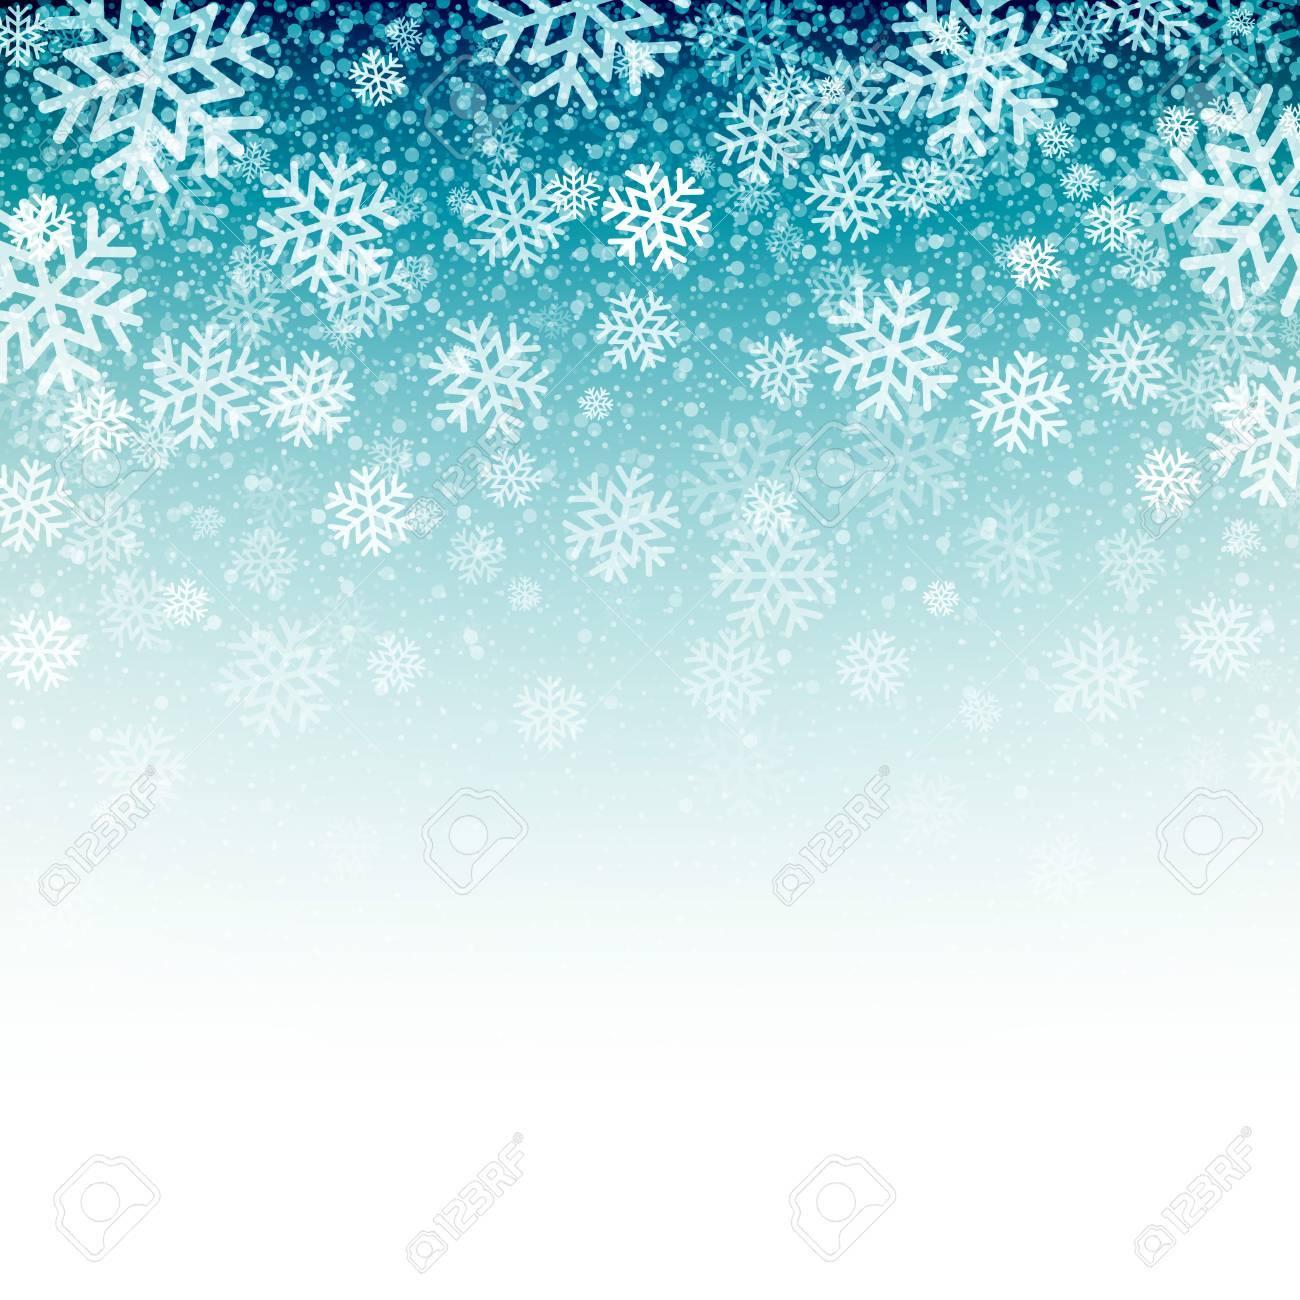 青色の背景の雪に。ベクトル イラスト eps 10 ロイヤリティフリー